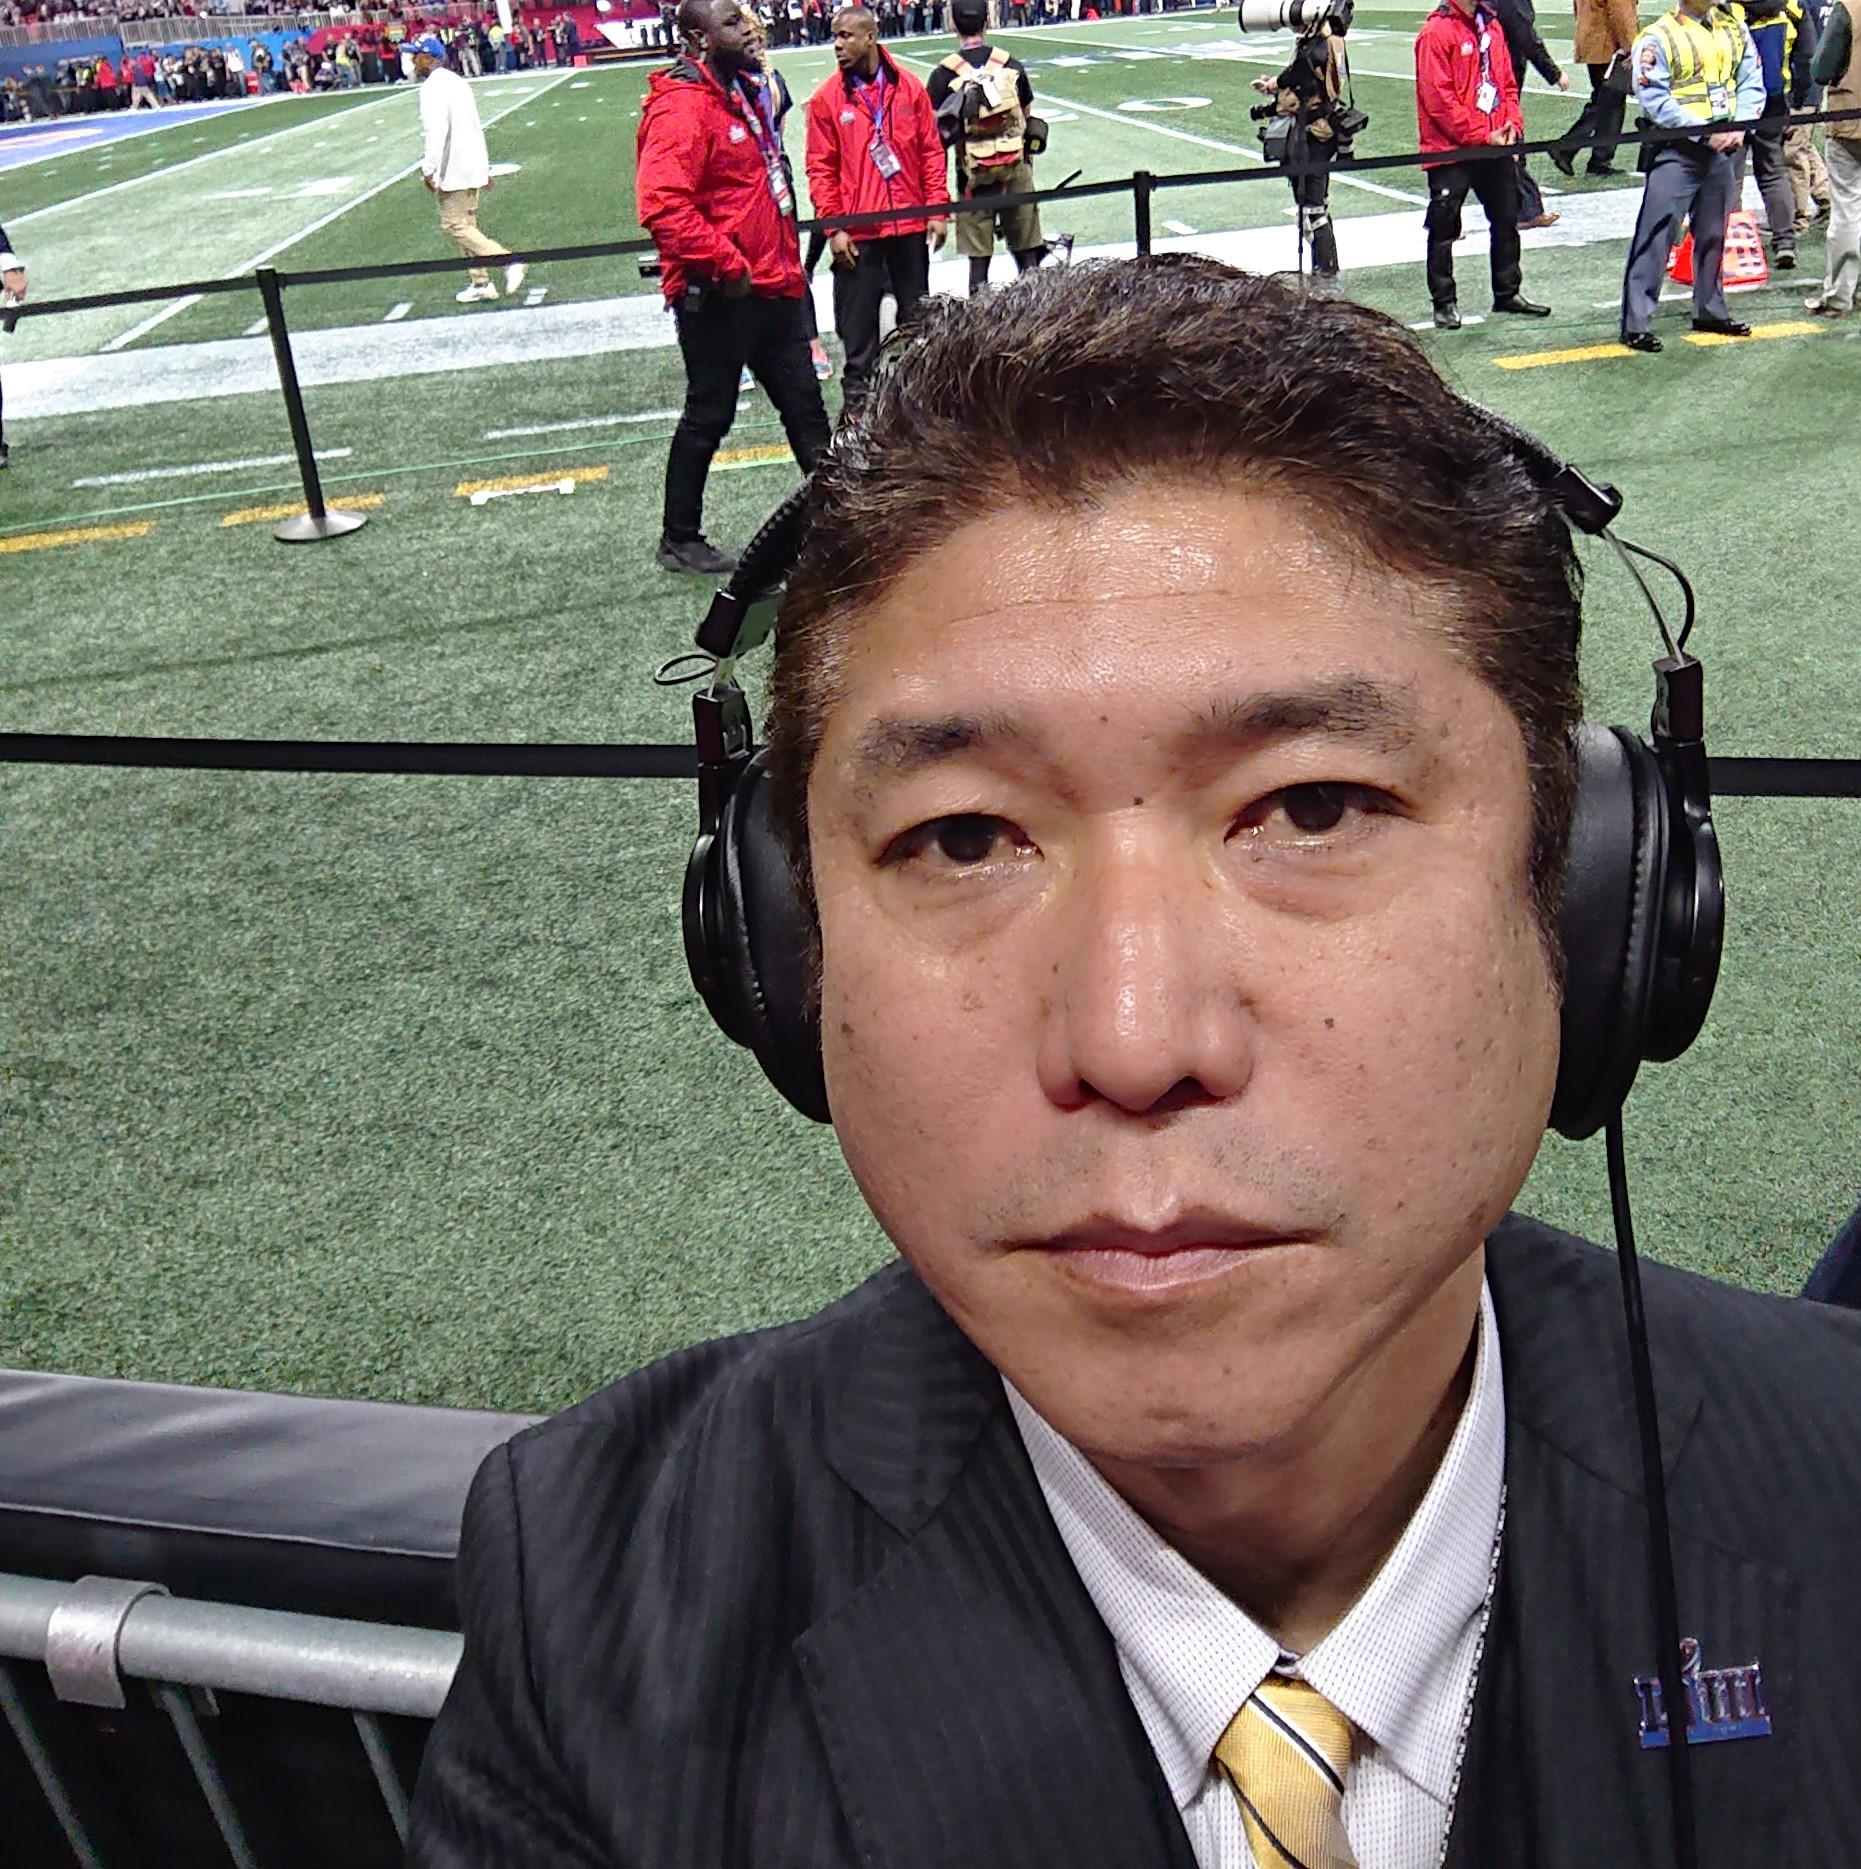 スーパーボウルのテレビ中継で、フィールドリポーターを務めた生沢浩さん